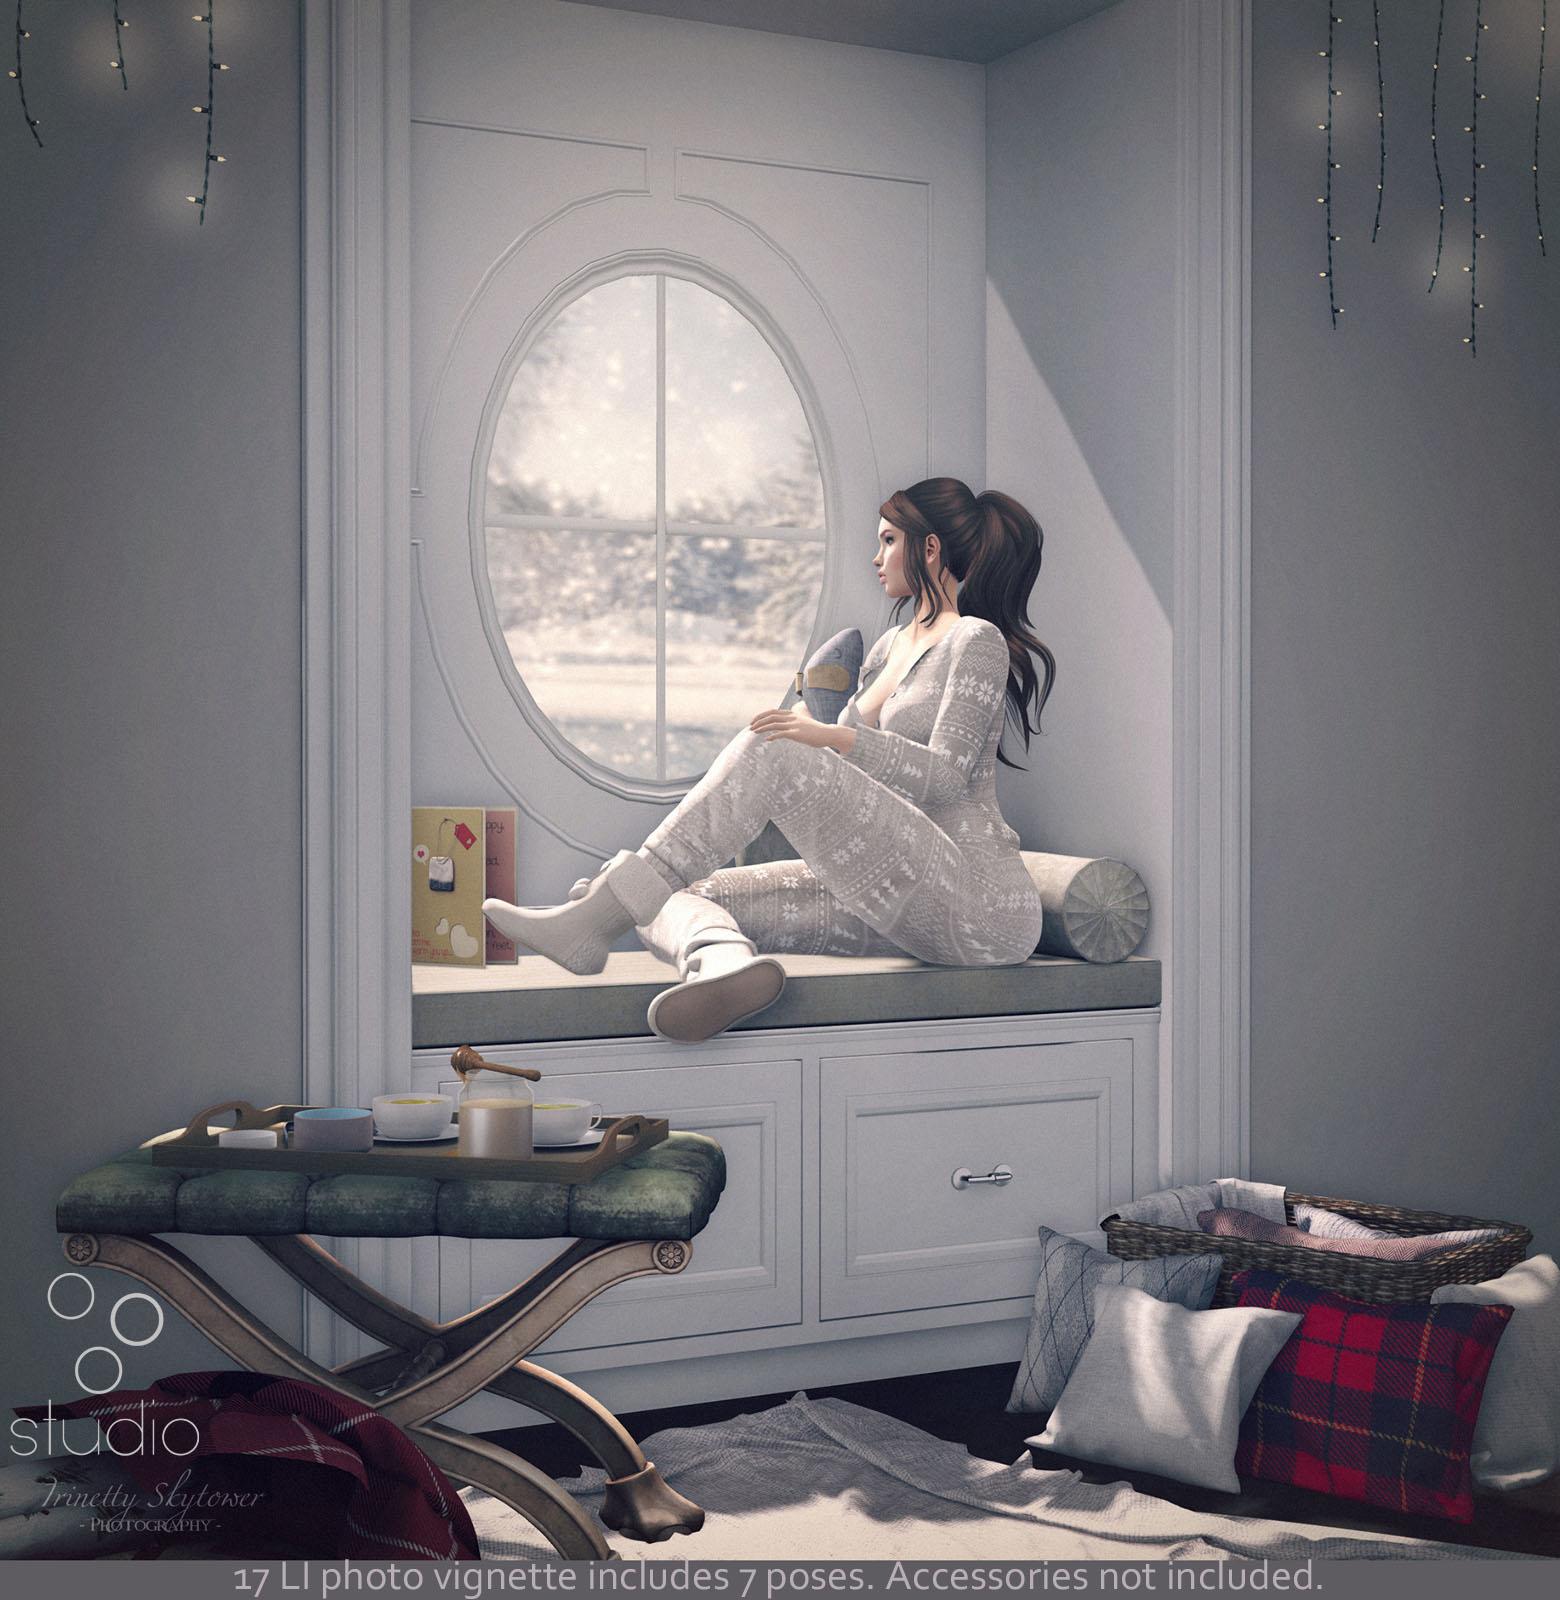 oOo Studio Winterview_.jpg